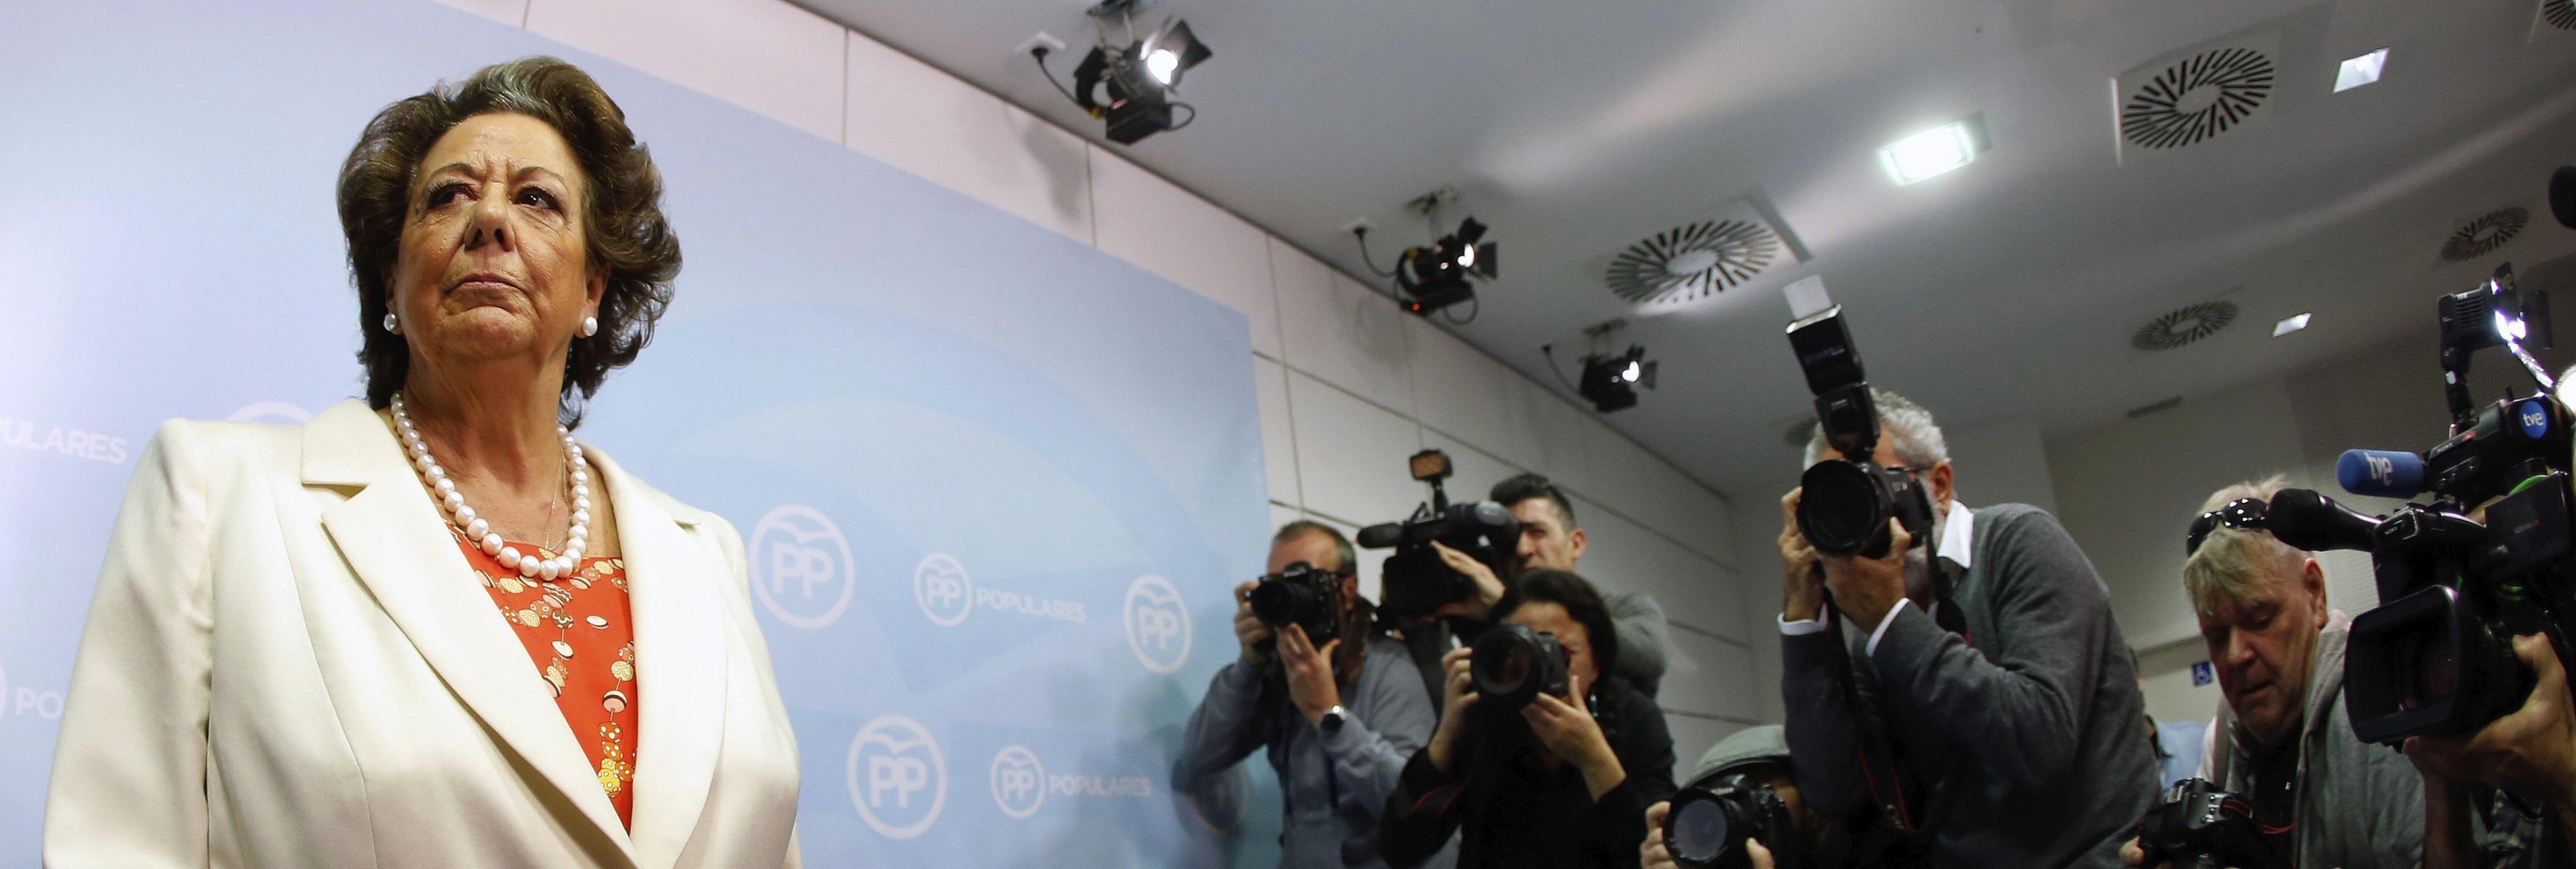 'Los 1.000 € eran para proteger a cargos de ETA': así son las excusas de la Operación Taula